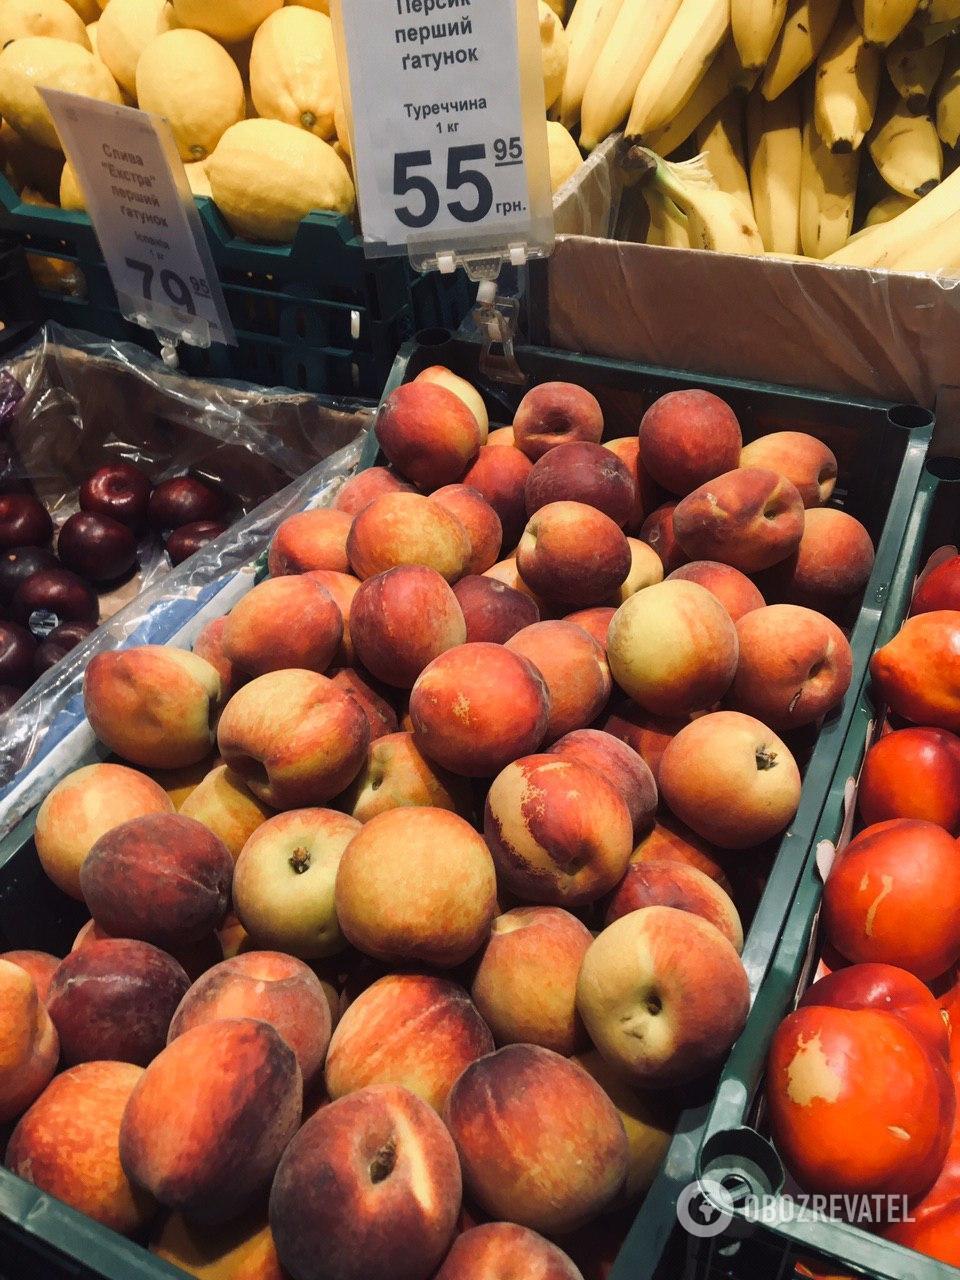 Персики - от 55 гривен